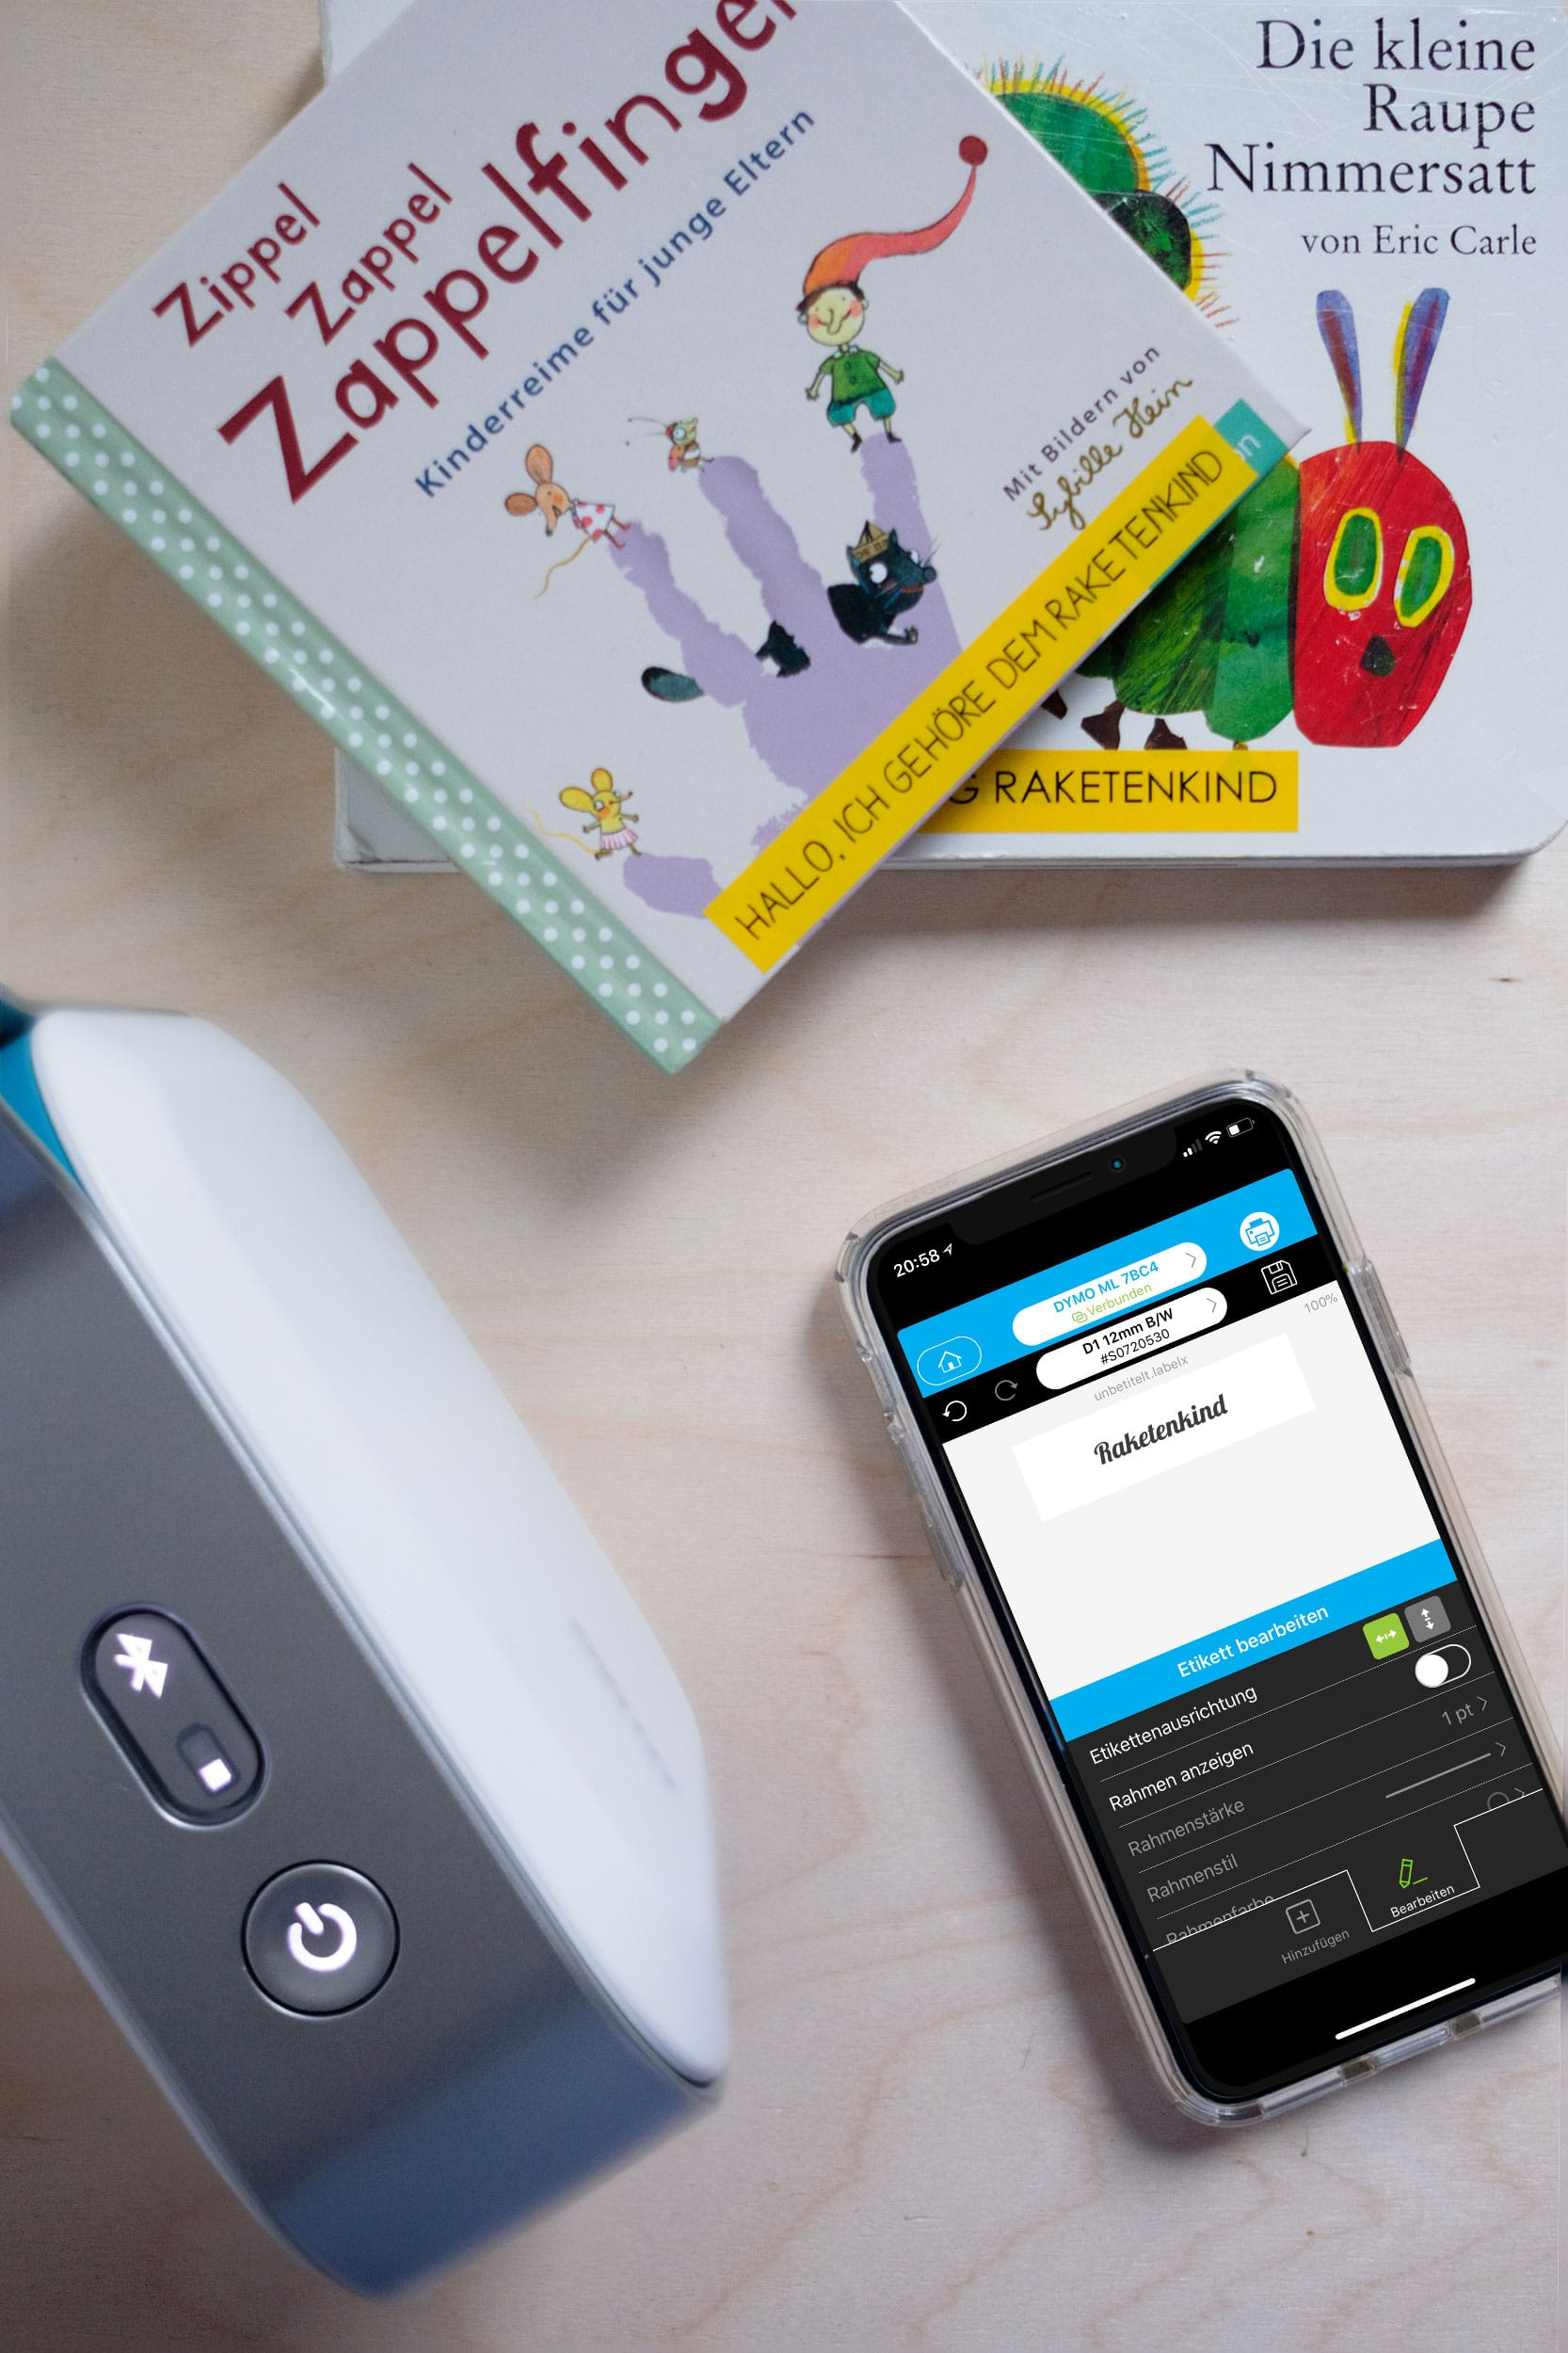 Namensetiketten für die KiTa mit DYMO | Mit dem DYMO MobileLabeler für Ordnung sorgen | ivy.li